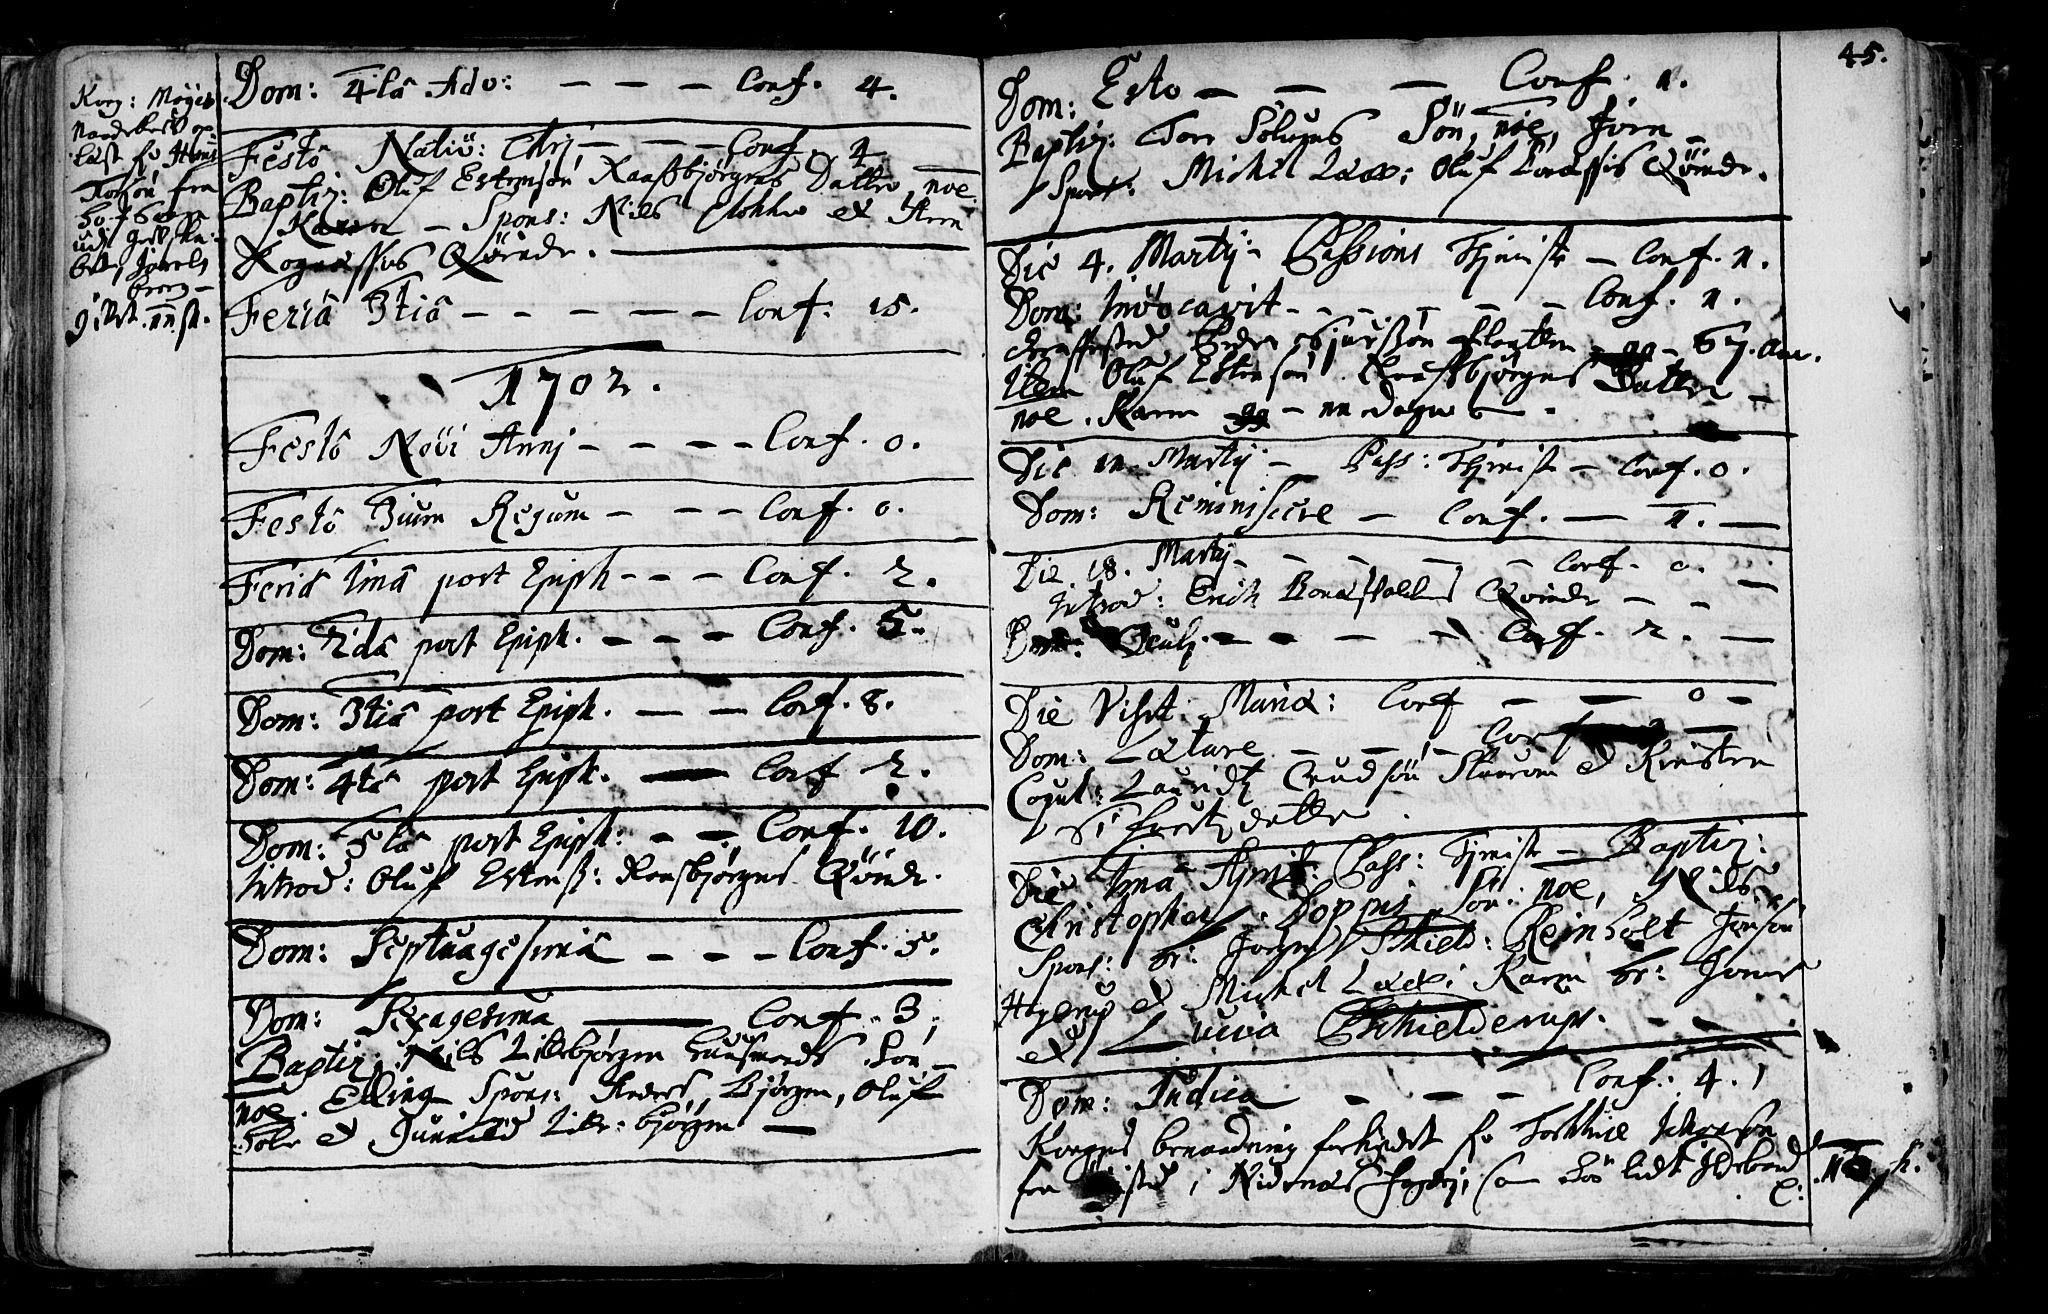 SAT, Ministerialprotokoller, klokkerbøker og fødselsregistre - Sør-Trøndelag, 687/L0990: Ministerialbok nr. 687A01, 1690-1746, s. 45